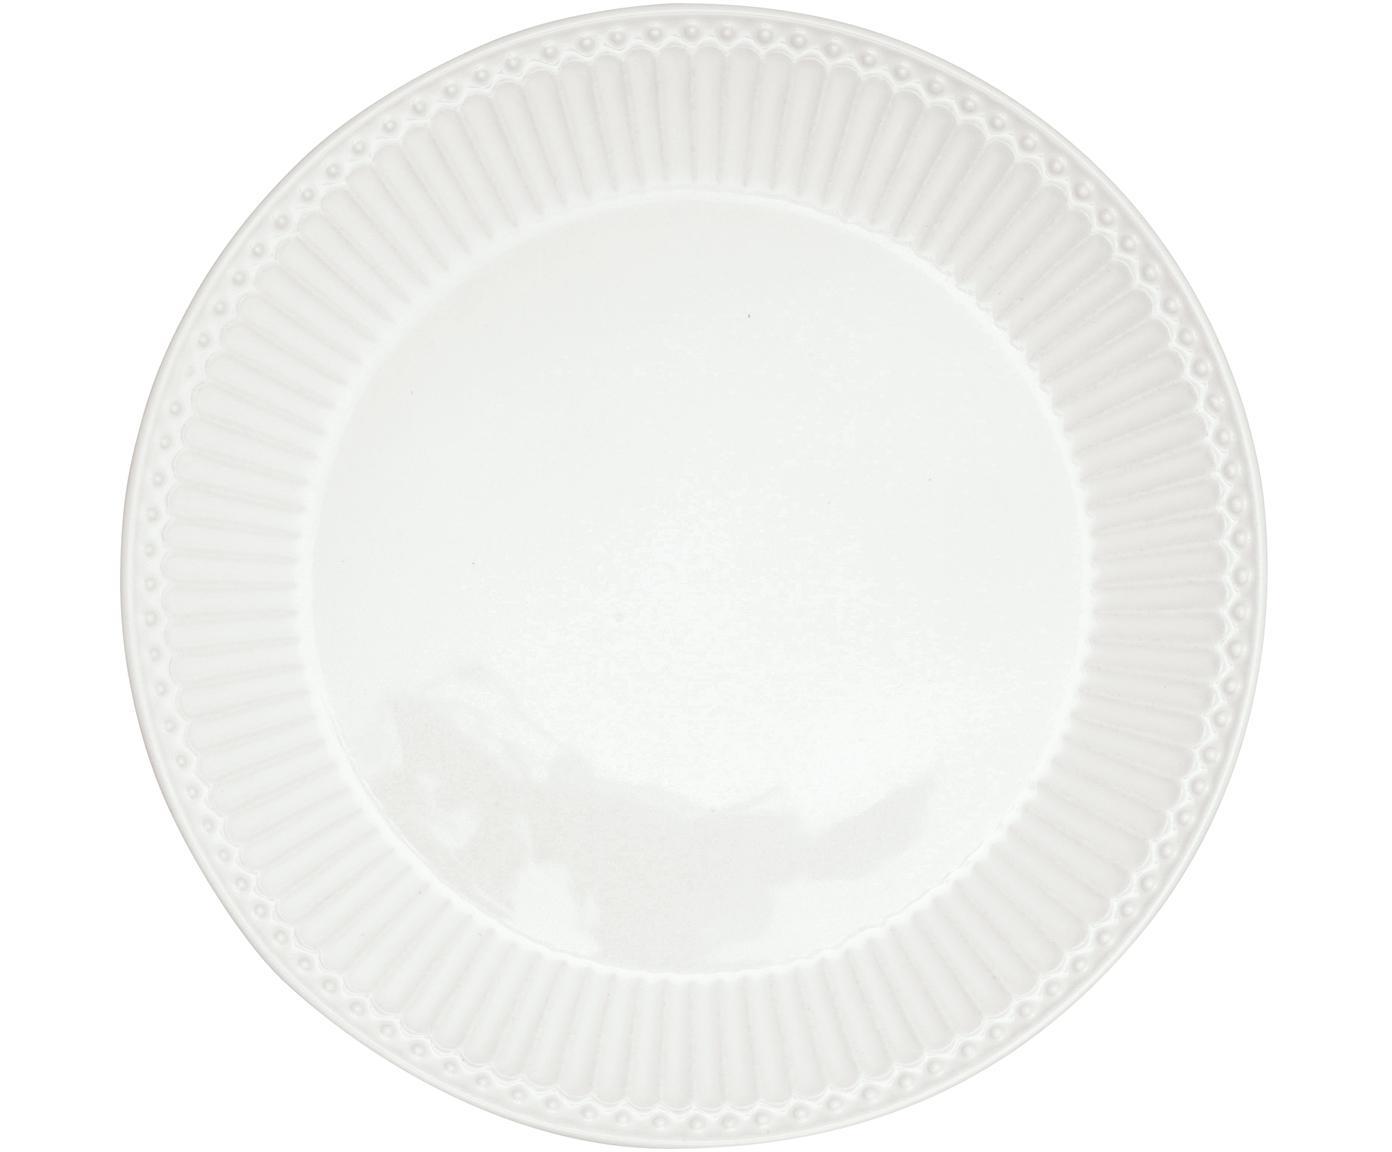 Frühstücksteller Alice in Weiß mit Reliefdesign, 2 Stück, Porzellan, Weiß, Ø 23 cm